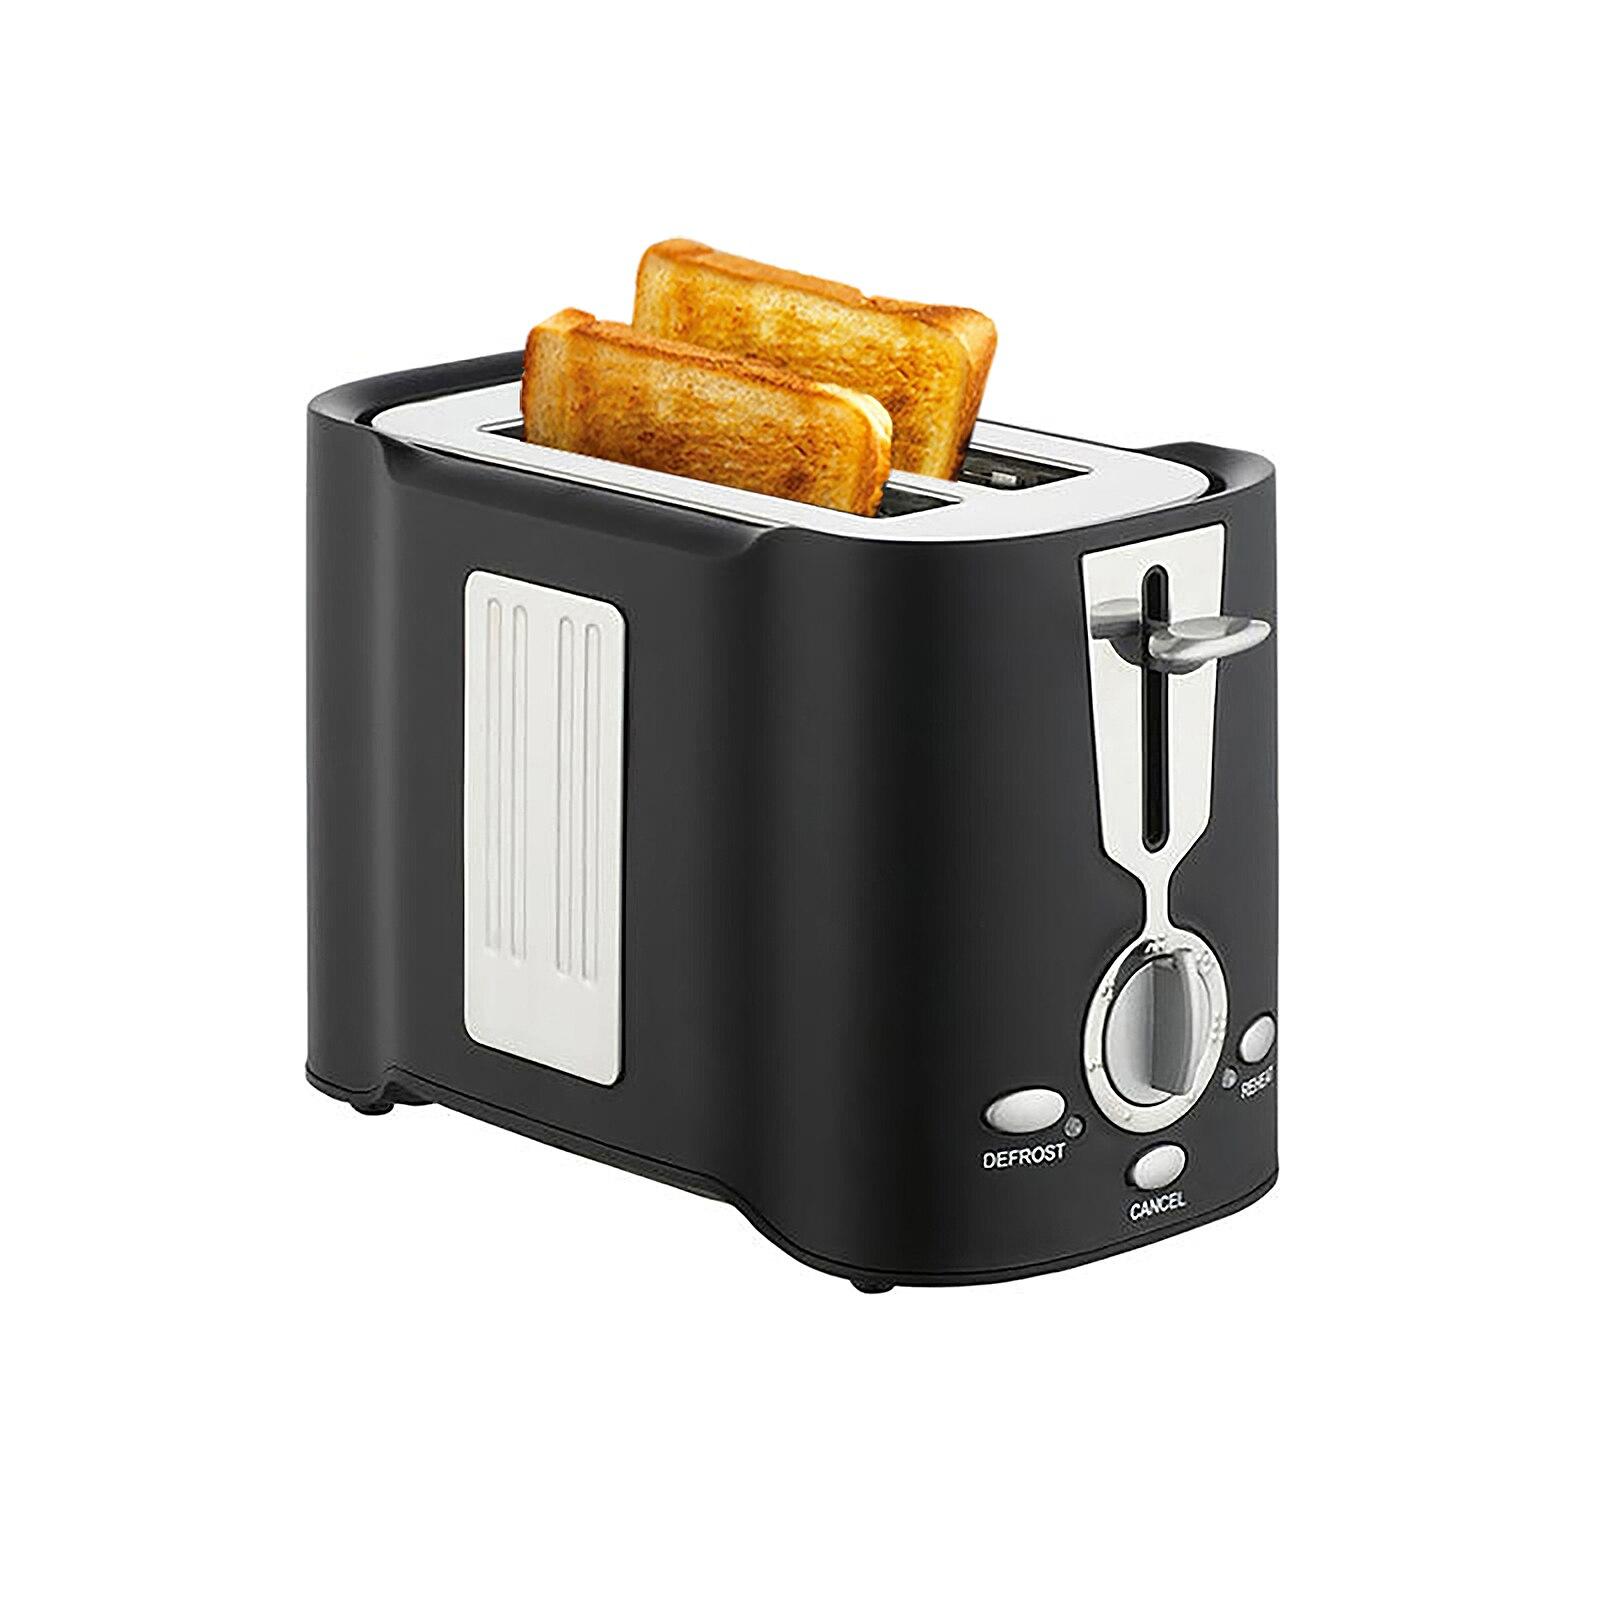 لنا المكونات 800W 2 شريحة محمصة سريعة التدفئة المنزلية محمصة فتحة واسعة 7 مستوى إعدادات الخبز للخبز